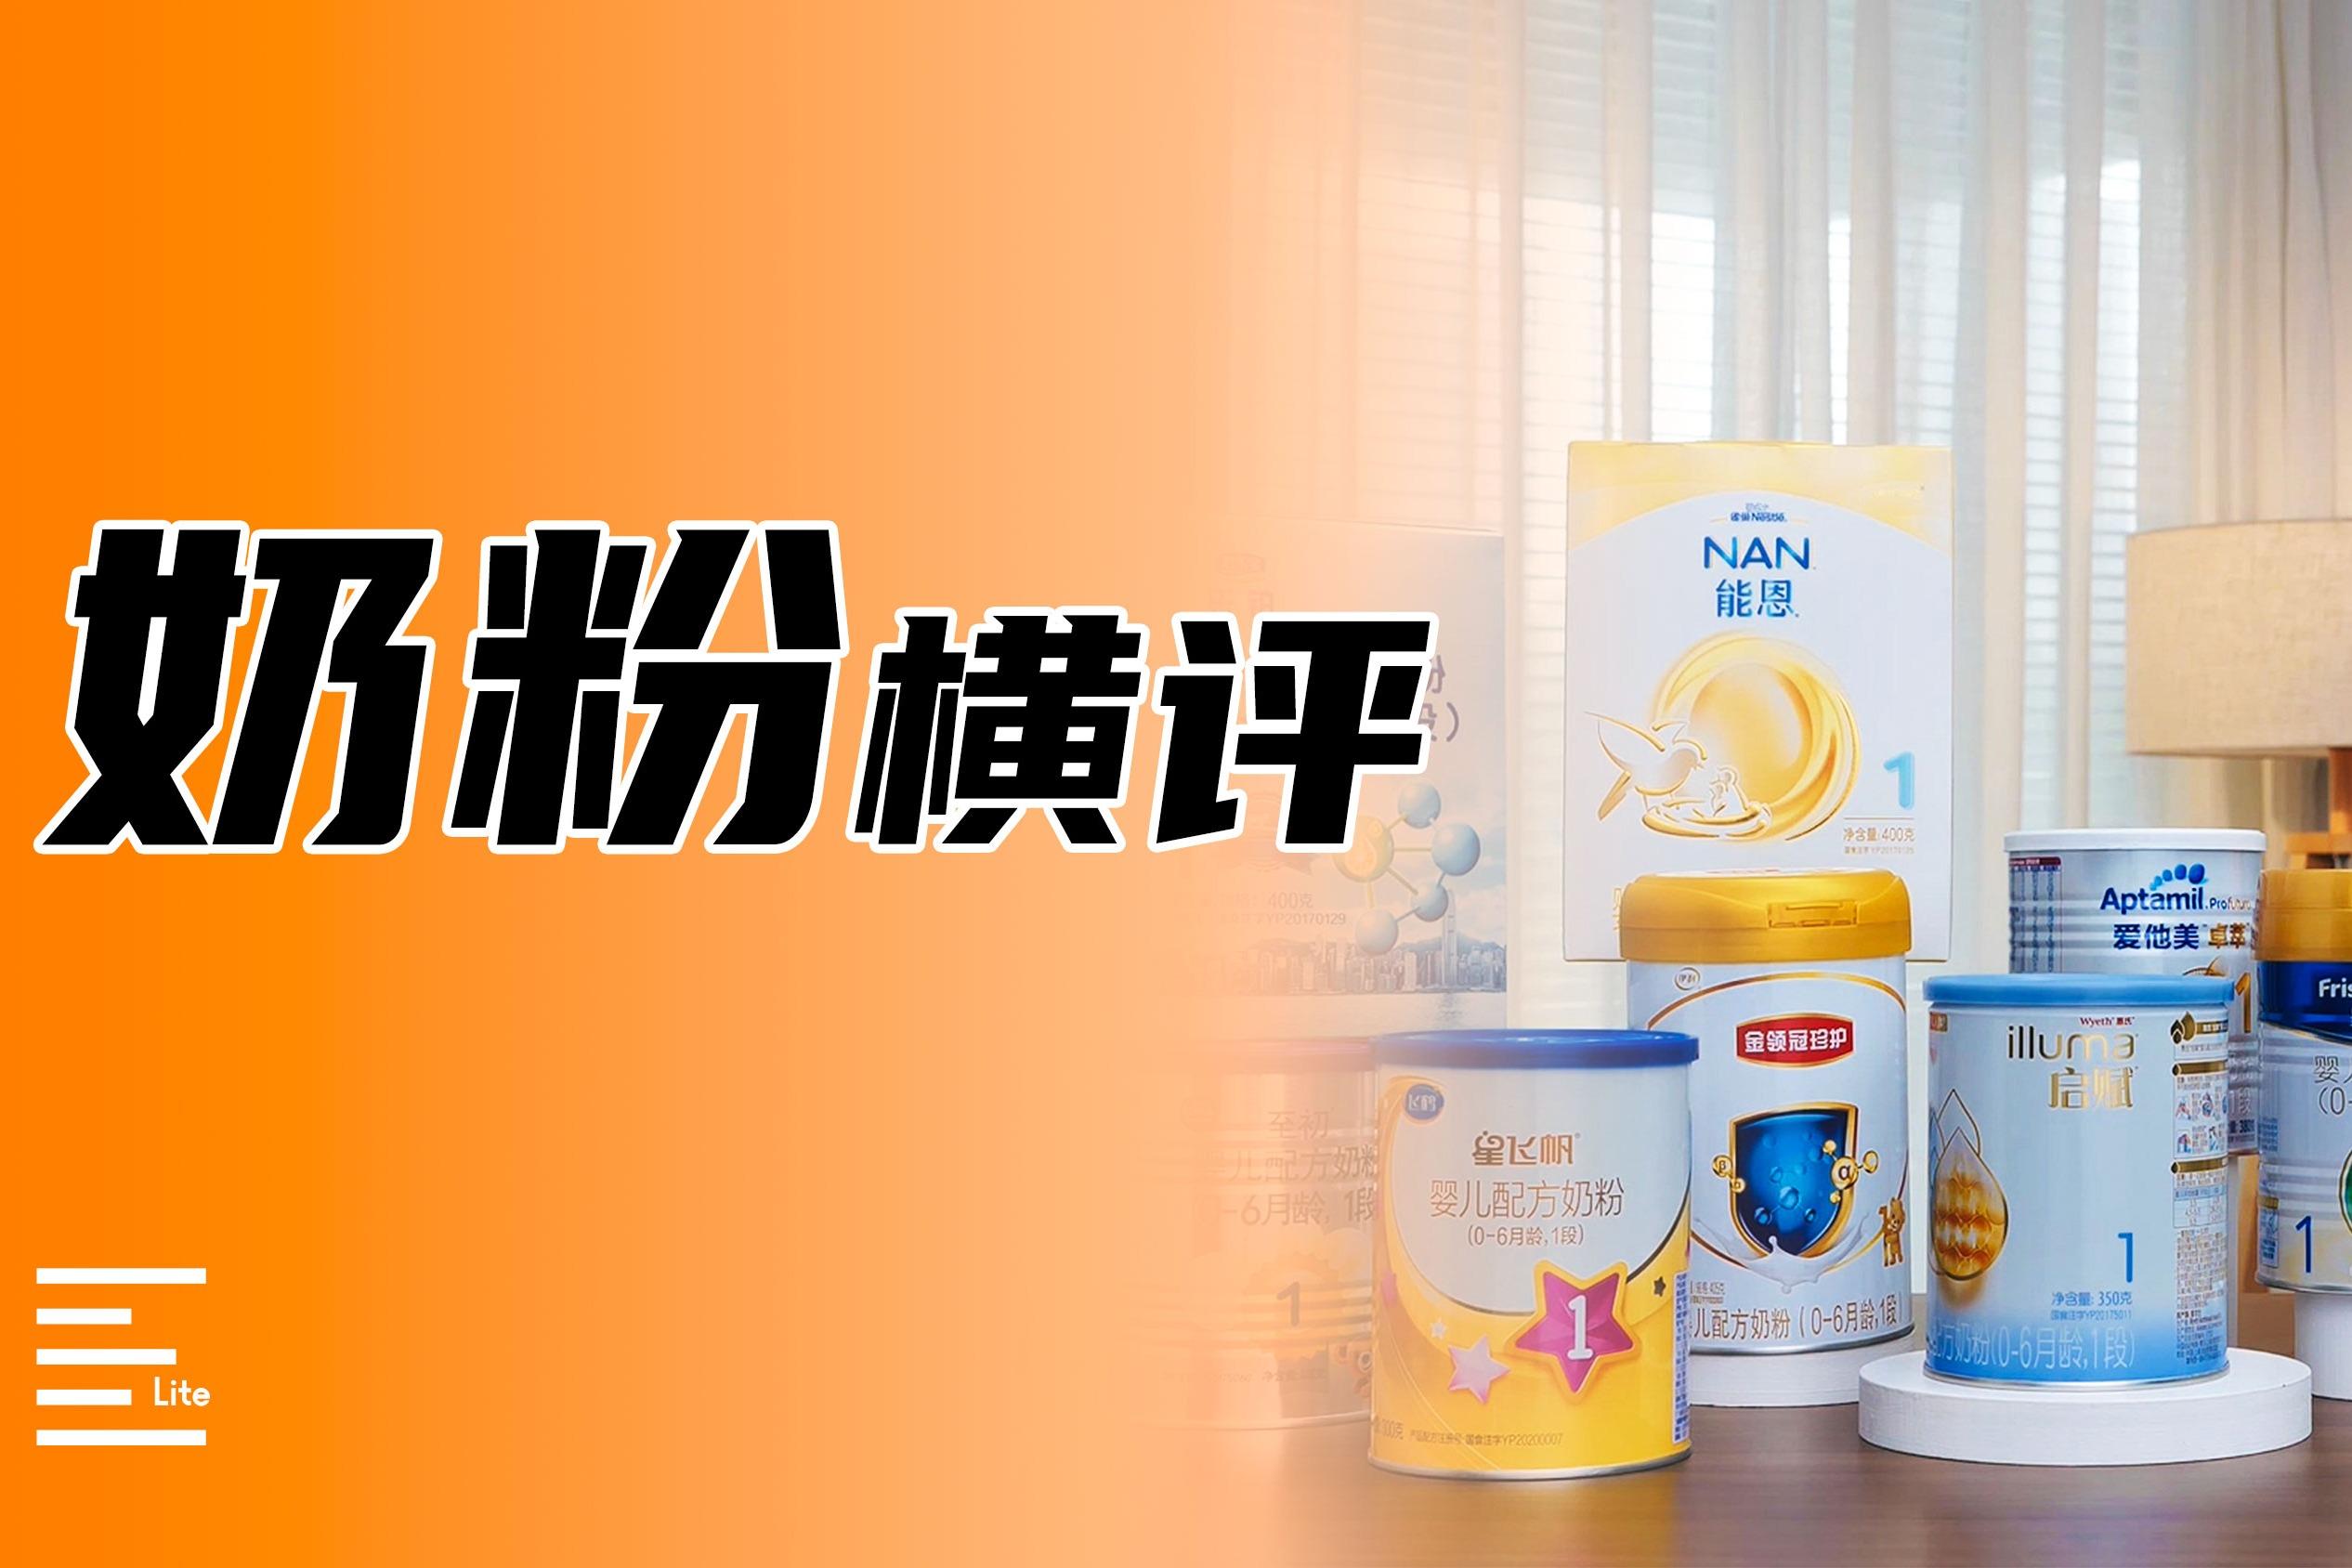 奶粉横评:国产还是进口?奶粉究竟该怎么选最安心?